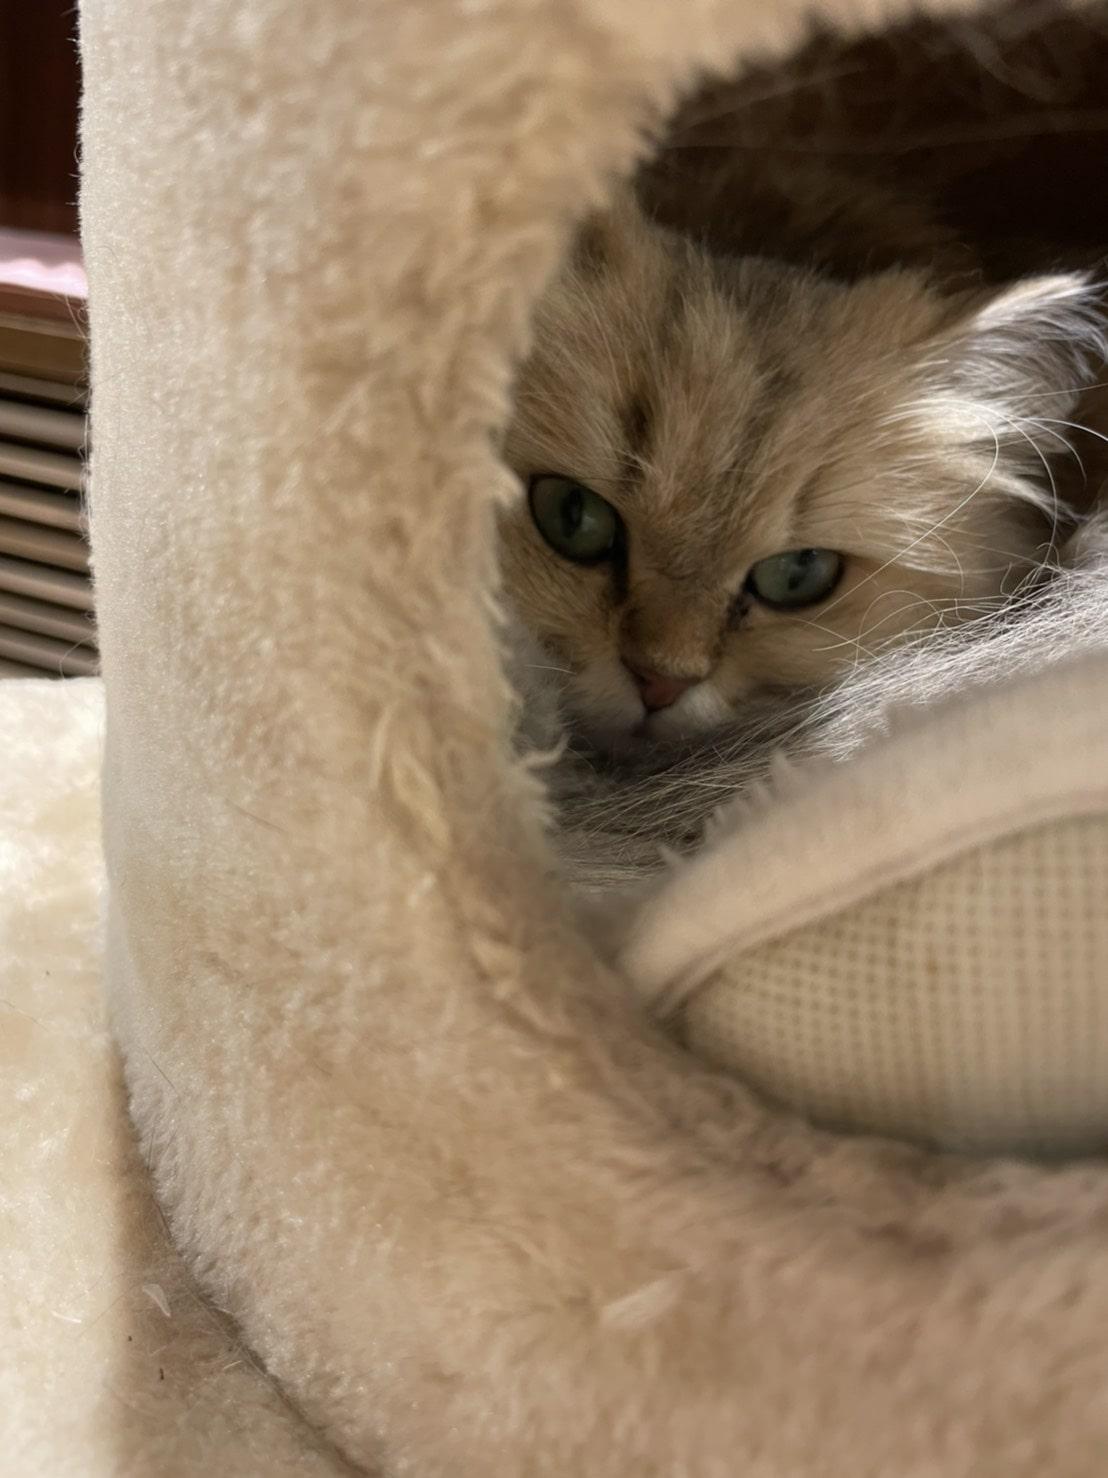 キャットタワーに籠もってる猫